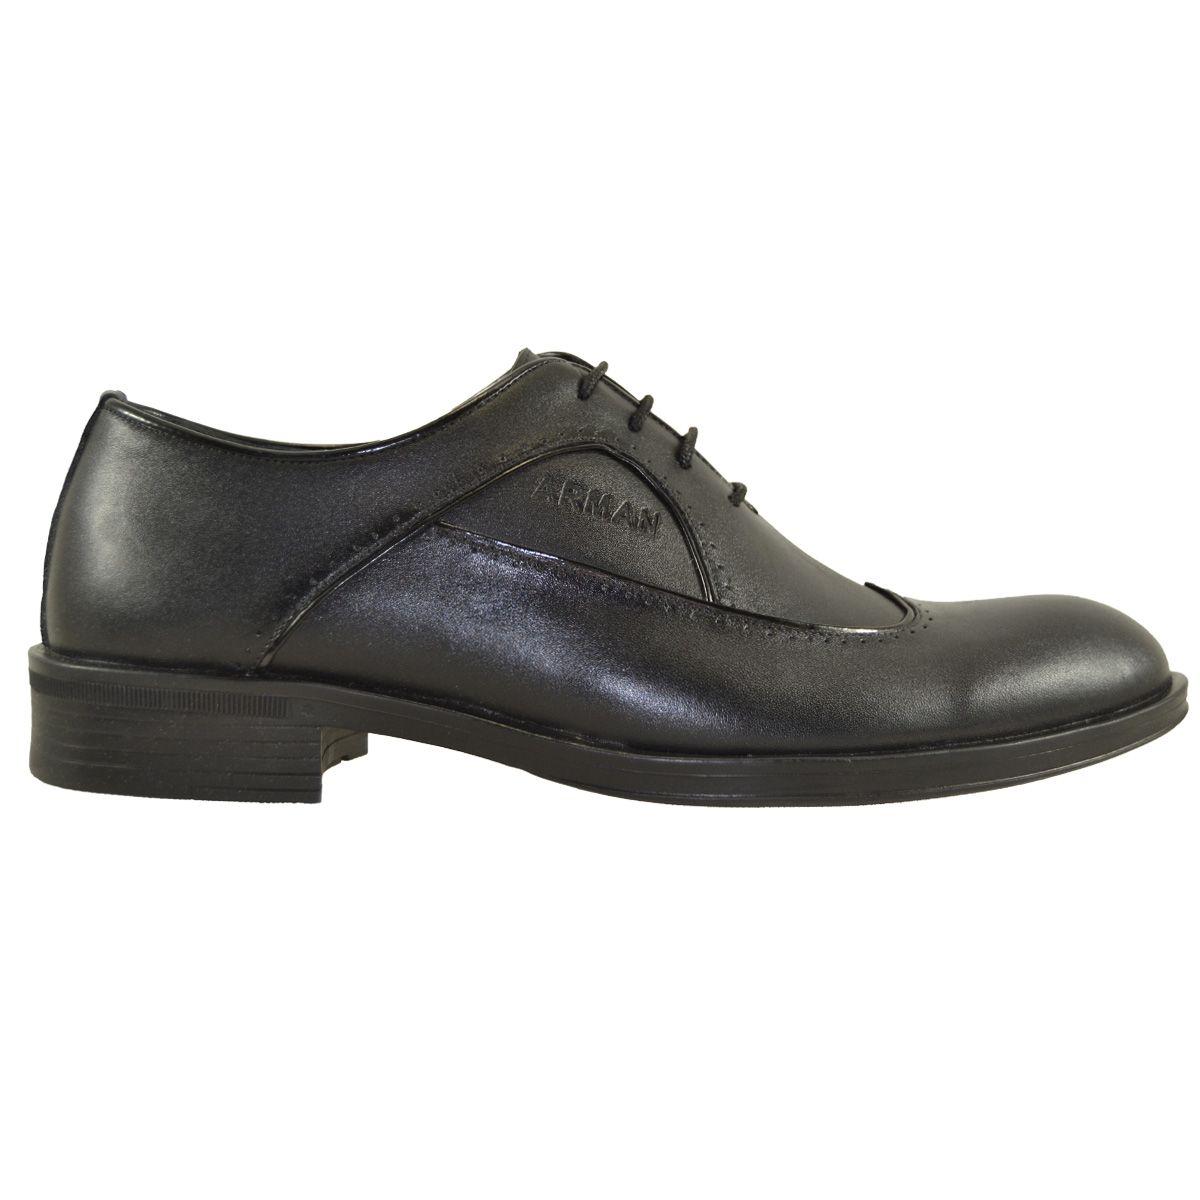 کفش مردانه کد 231 -  - 5